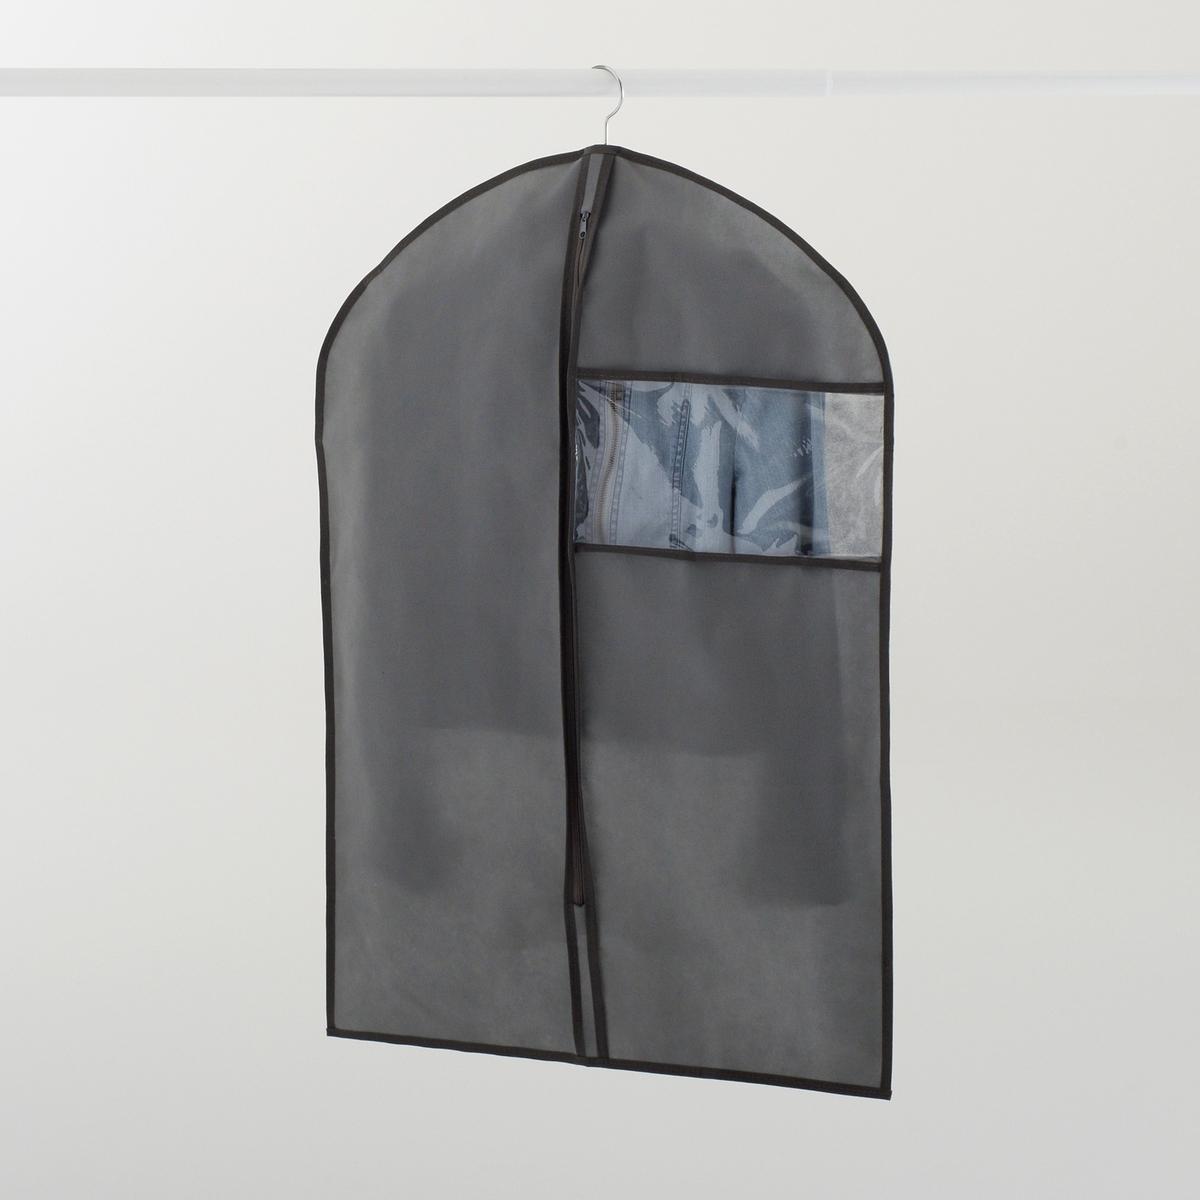 Комплект из 2 нетканых чехлов для куртокКачество VALEUR S?RE материала, сверхустойчивого к разрыву.ХАРАКТЕРИСТИКИ ЧЕХЛА:Нетканый материал: на основе дышащего синтетического волокна.Бежевого цвета.ОПИСАНИЕ ЧЕХЛА :Надевается на вешалку-плечики (1 шт.).Прозрачная вставка.Застежка на молнию.Размеры:Ширина 60 см.Высота 84 смКомплект из 2 чехлов.<br><br>Цвет: серый